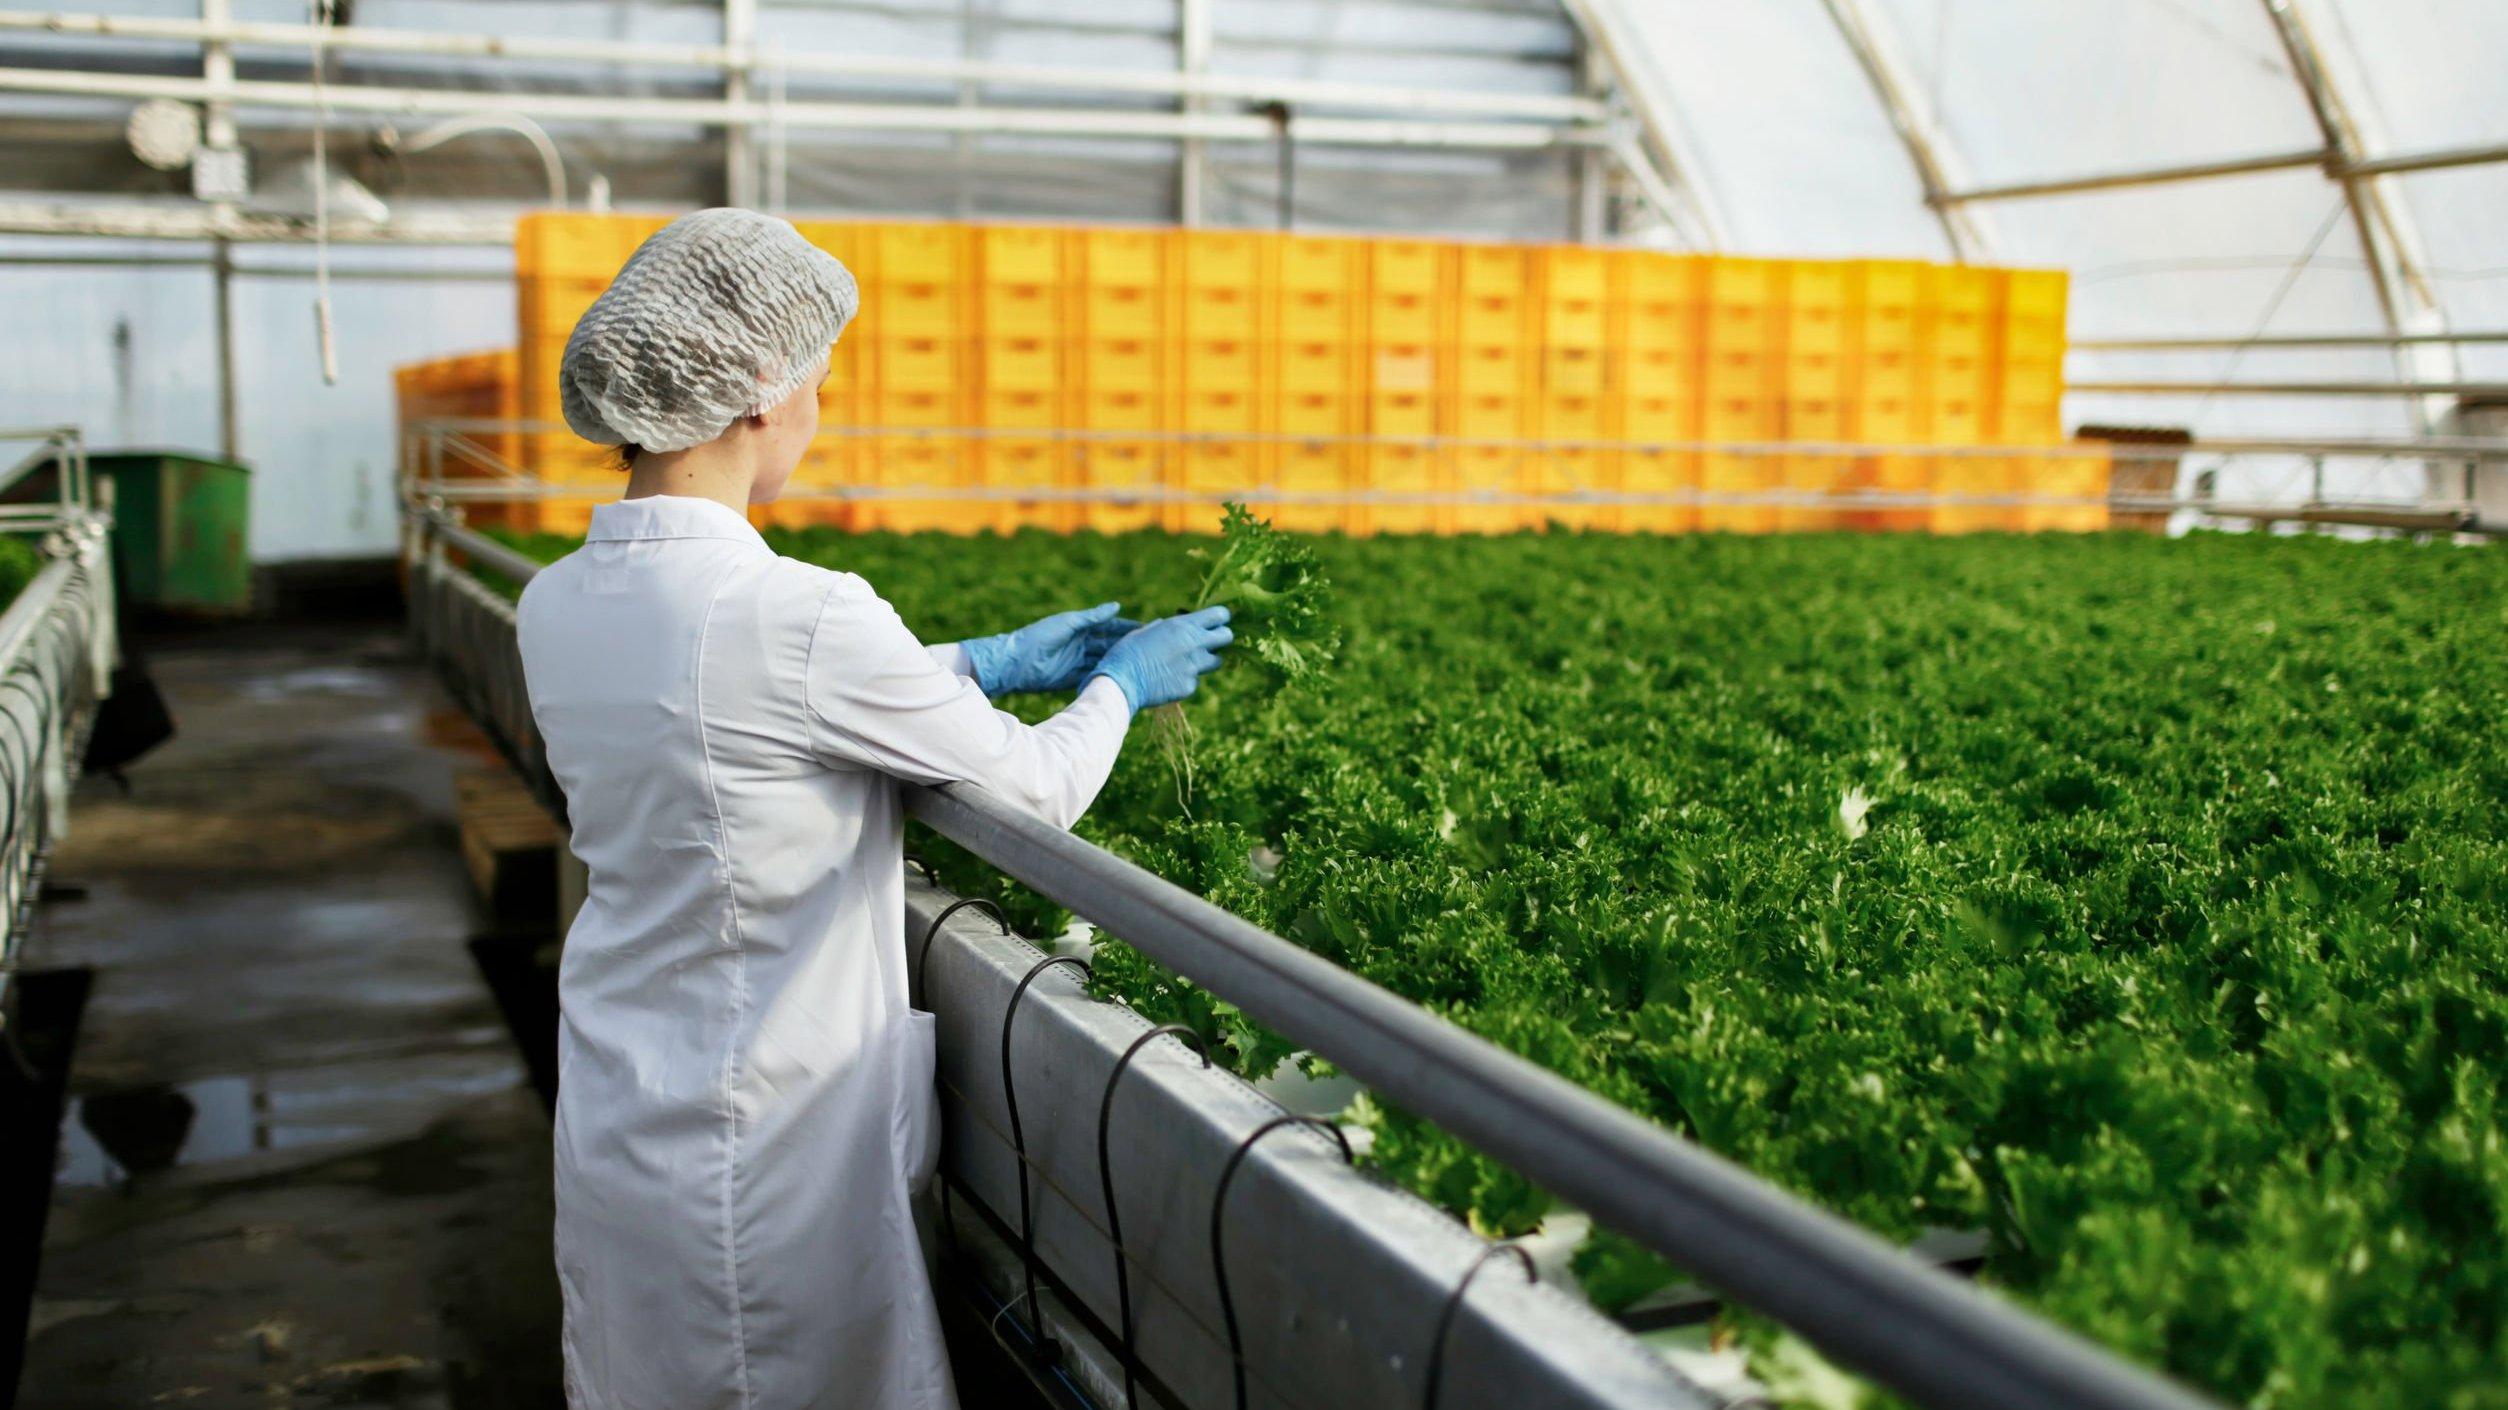 Mulher realizando o controle de qualidade de alimentos